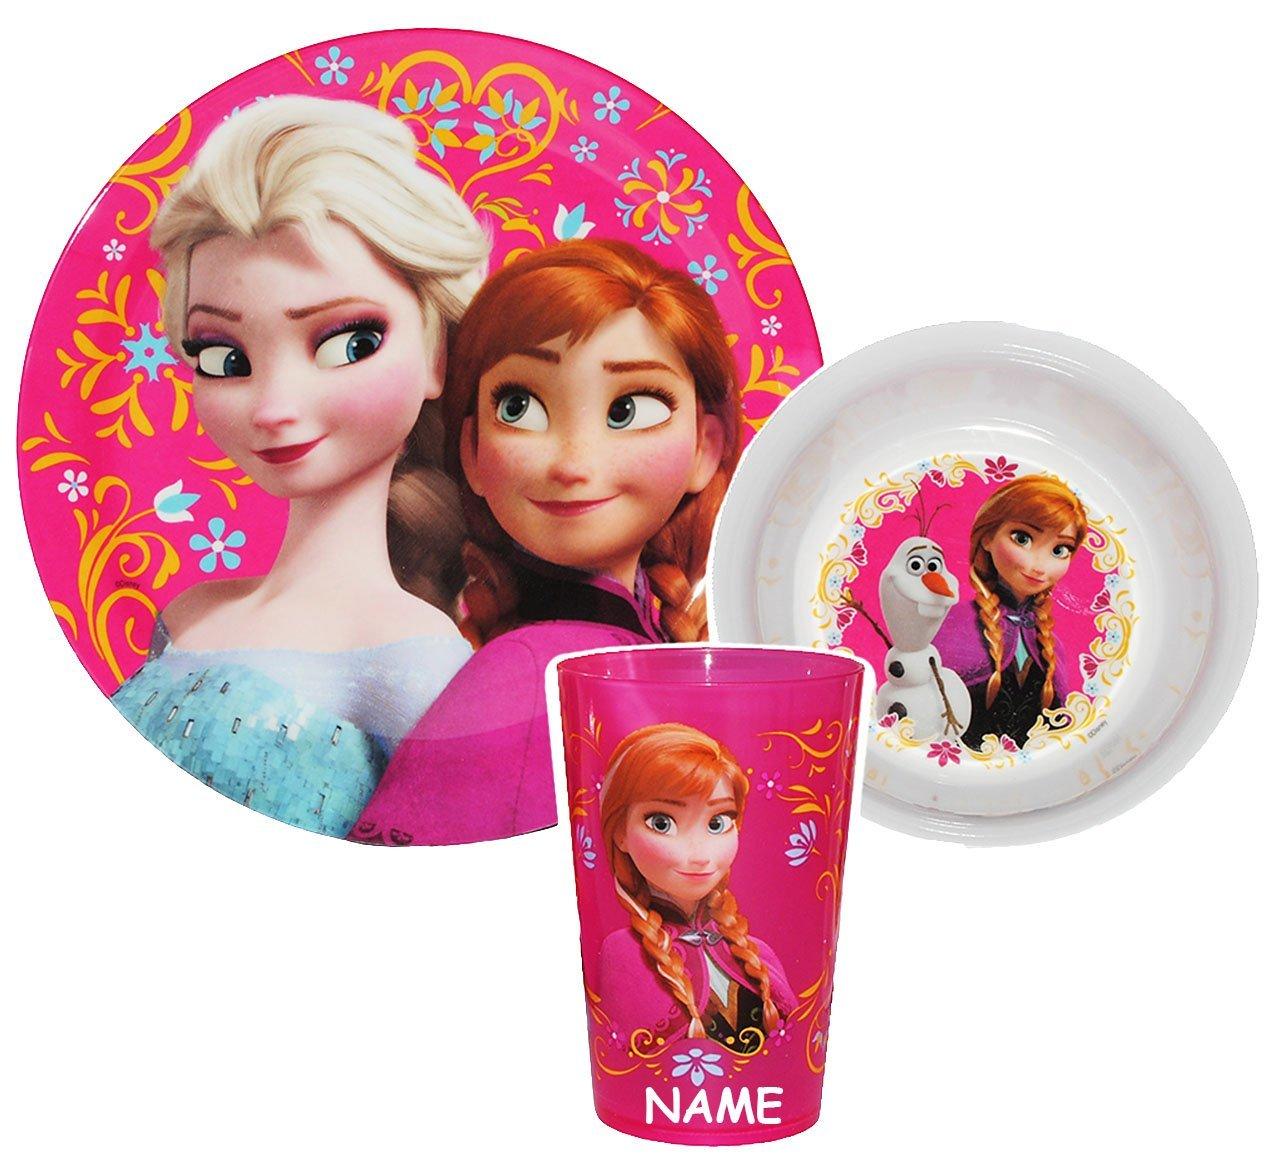 Unbekannt Kindergeschirr incl. Name -  Disney die Eiskönigin / Frozen  - Melamin - Trinkbecher + Teller + Müslischale - Geschirrset - Frühstücksset Mädchen - für Kind..